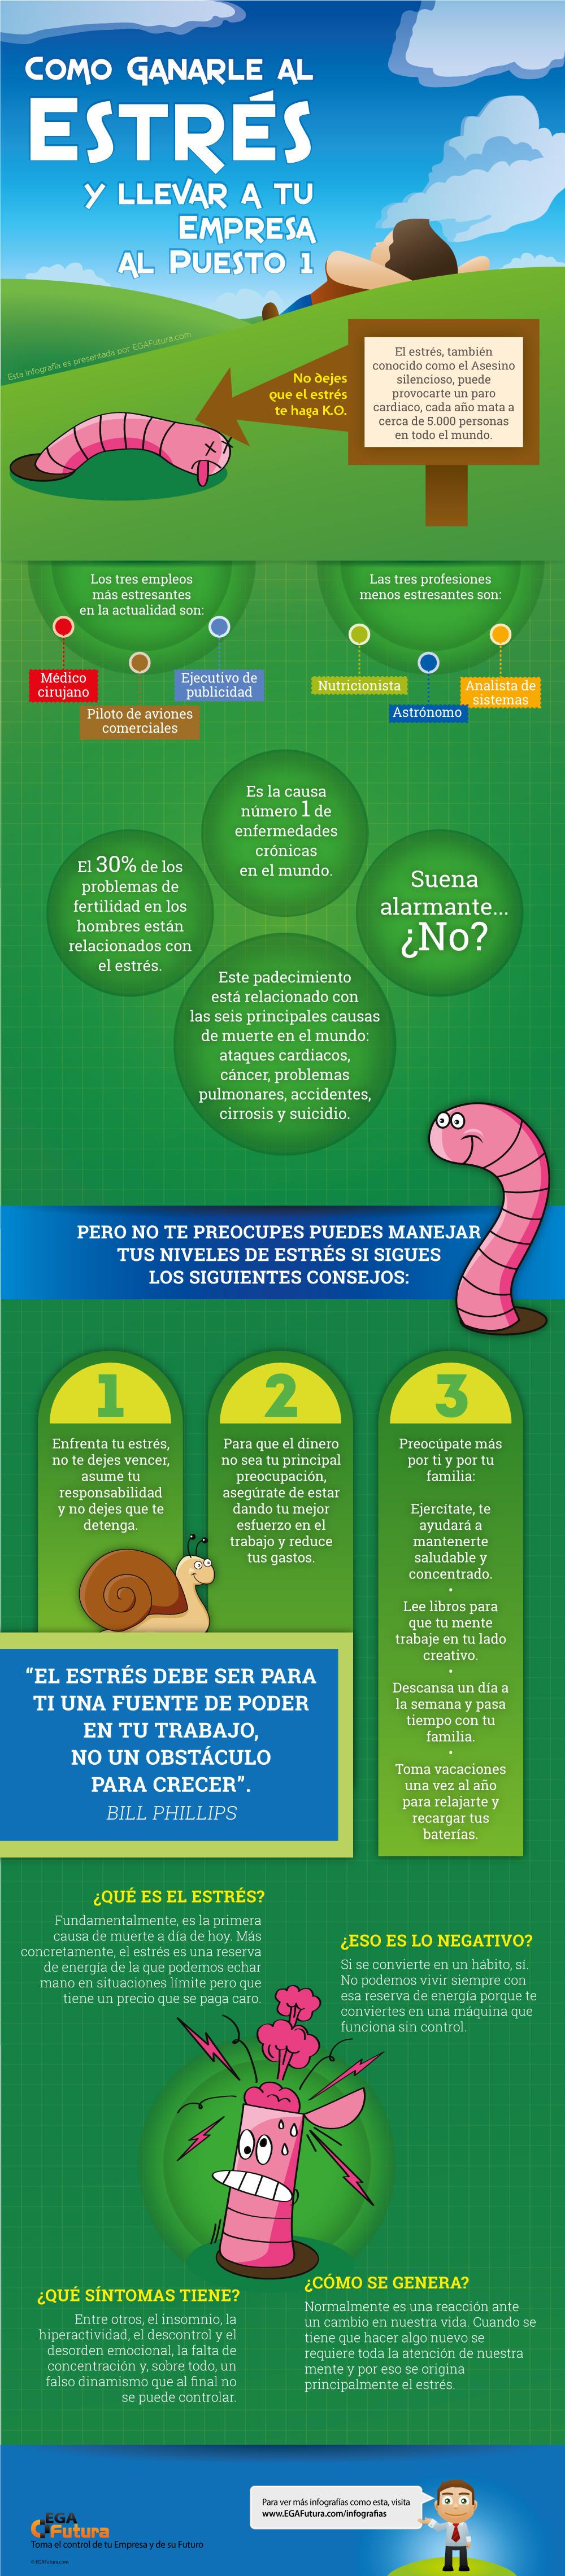 Infografia combatir el estres